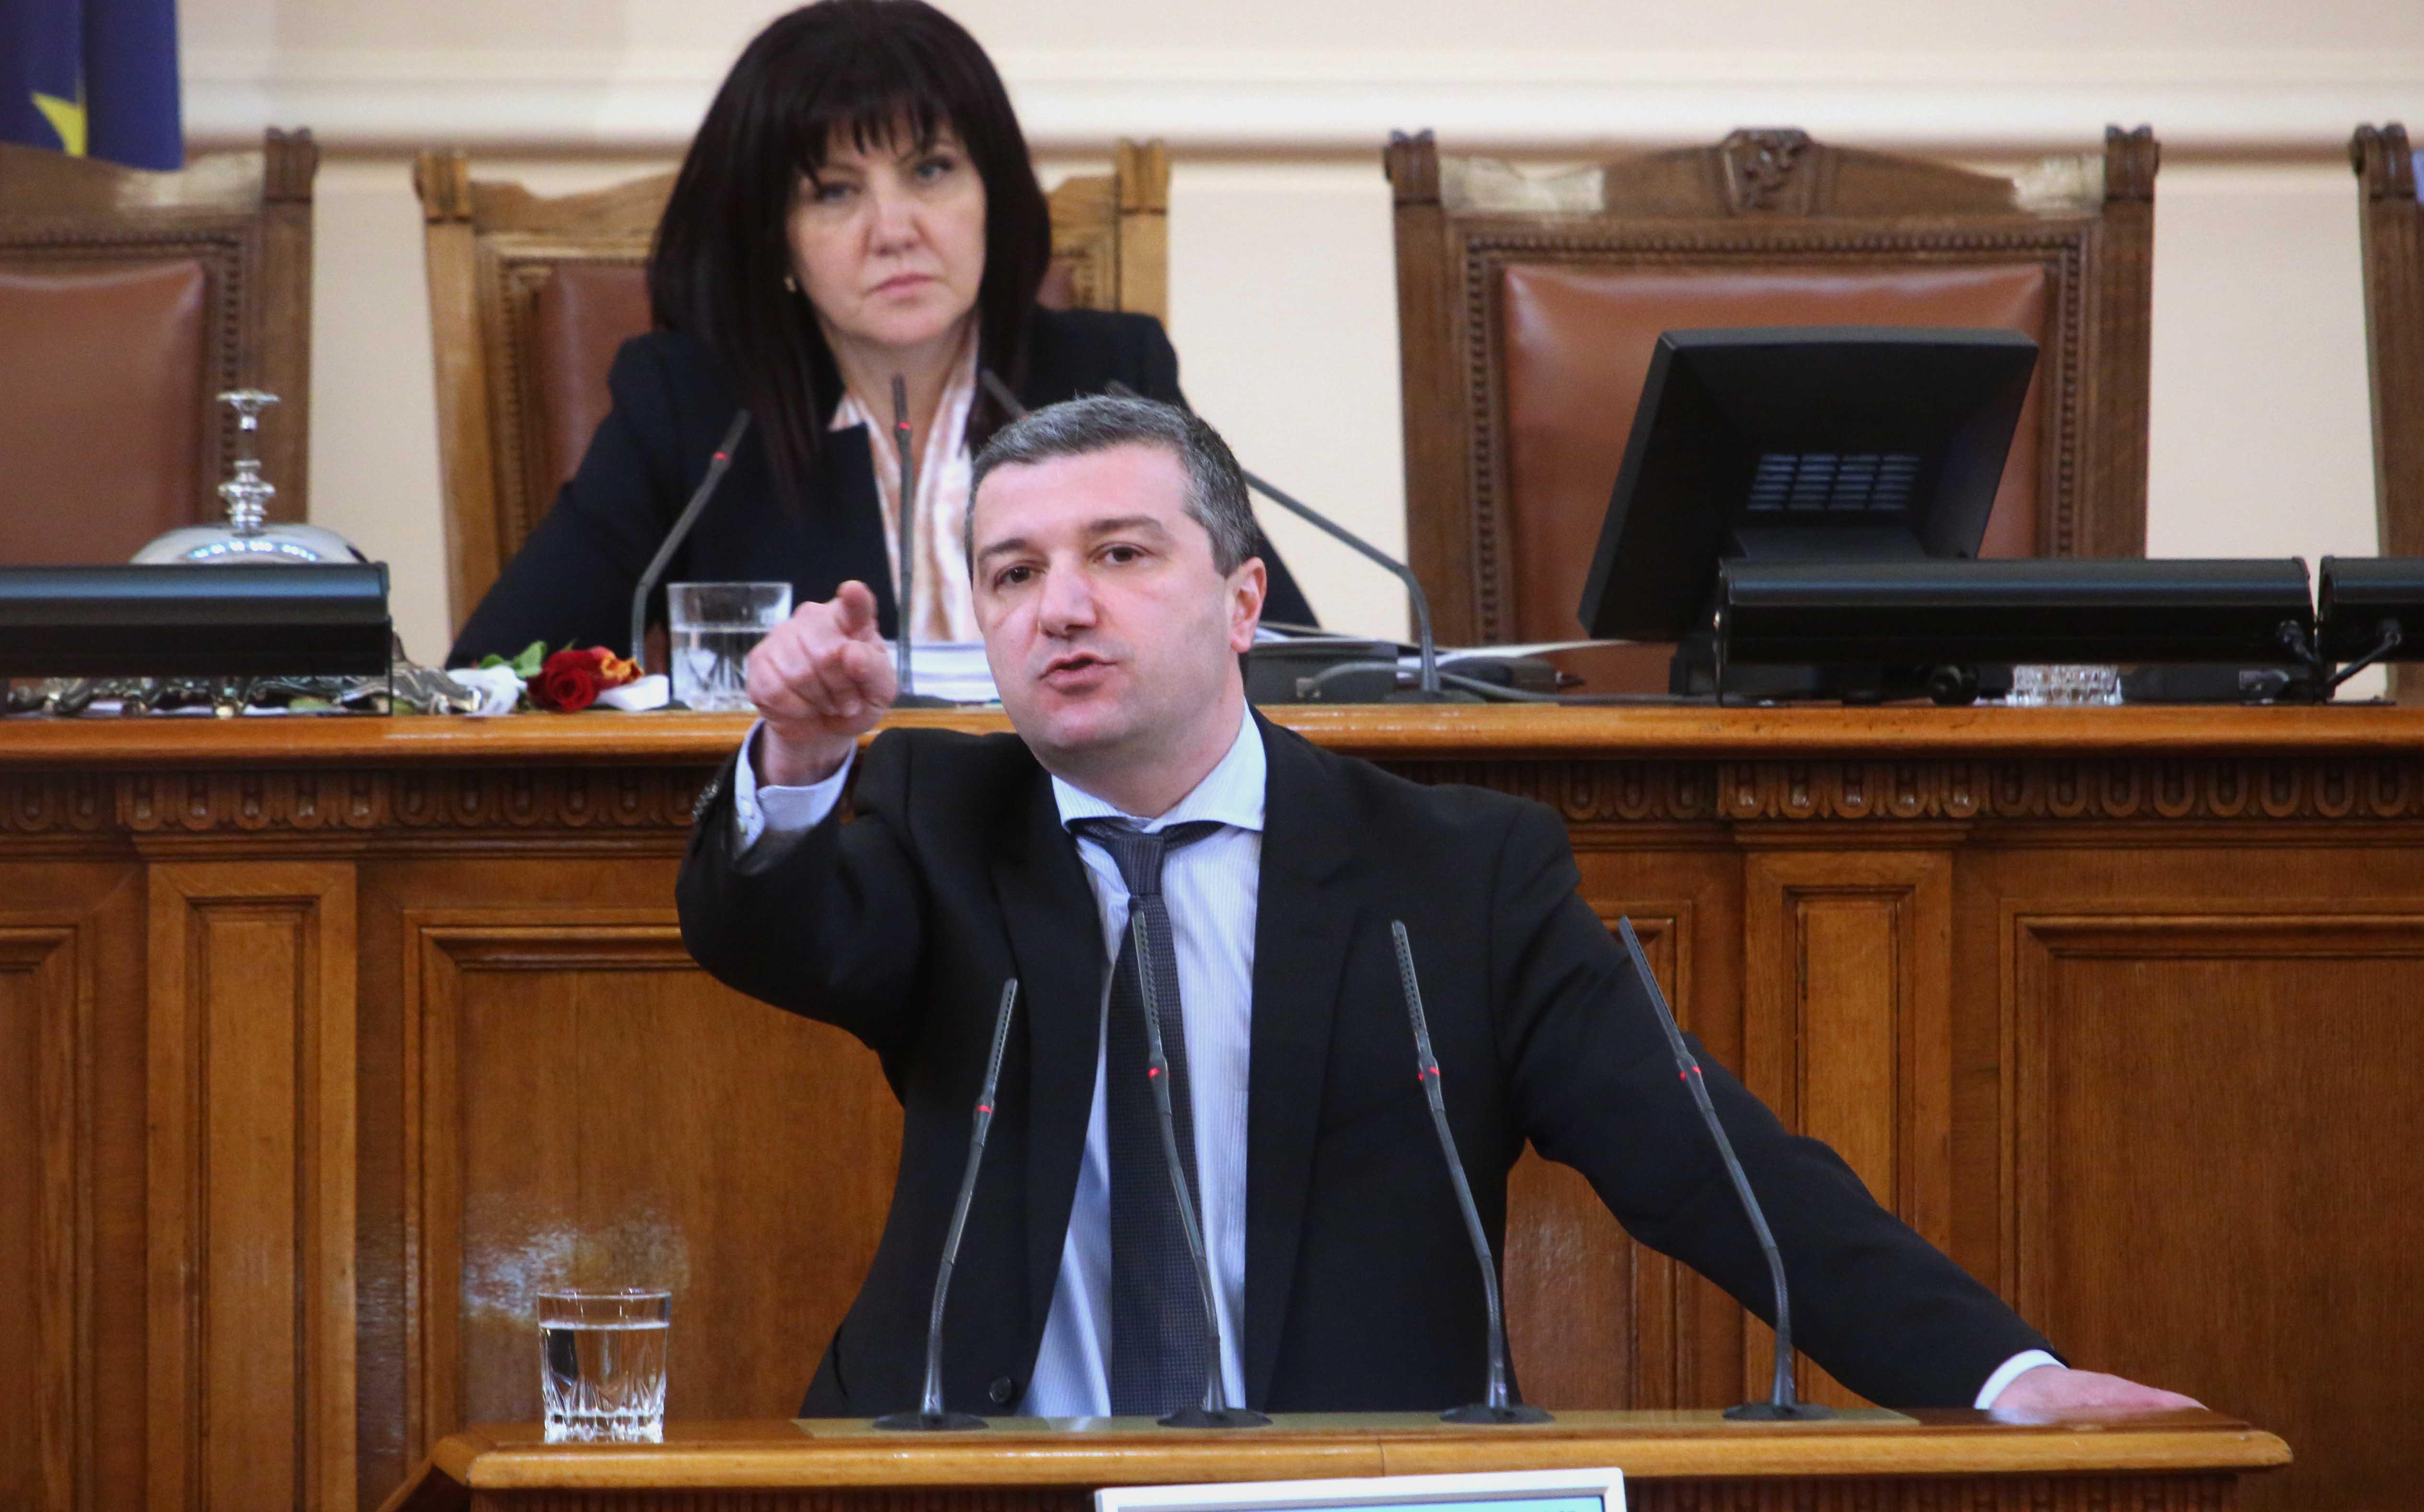 Драгомир Стойнев: Ако, докато бях министър, ЧЕЗ се продаваше, държавата щеше да го купи